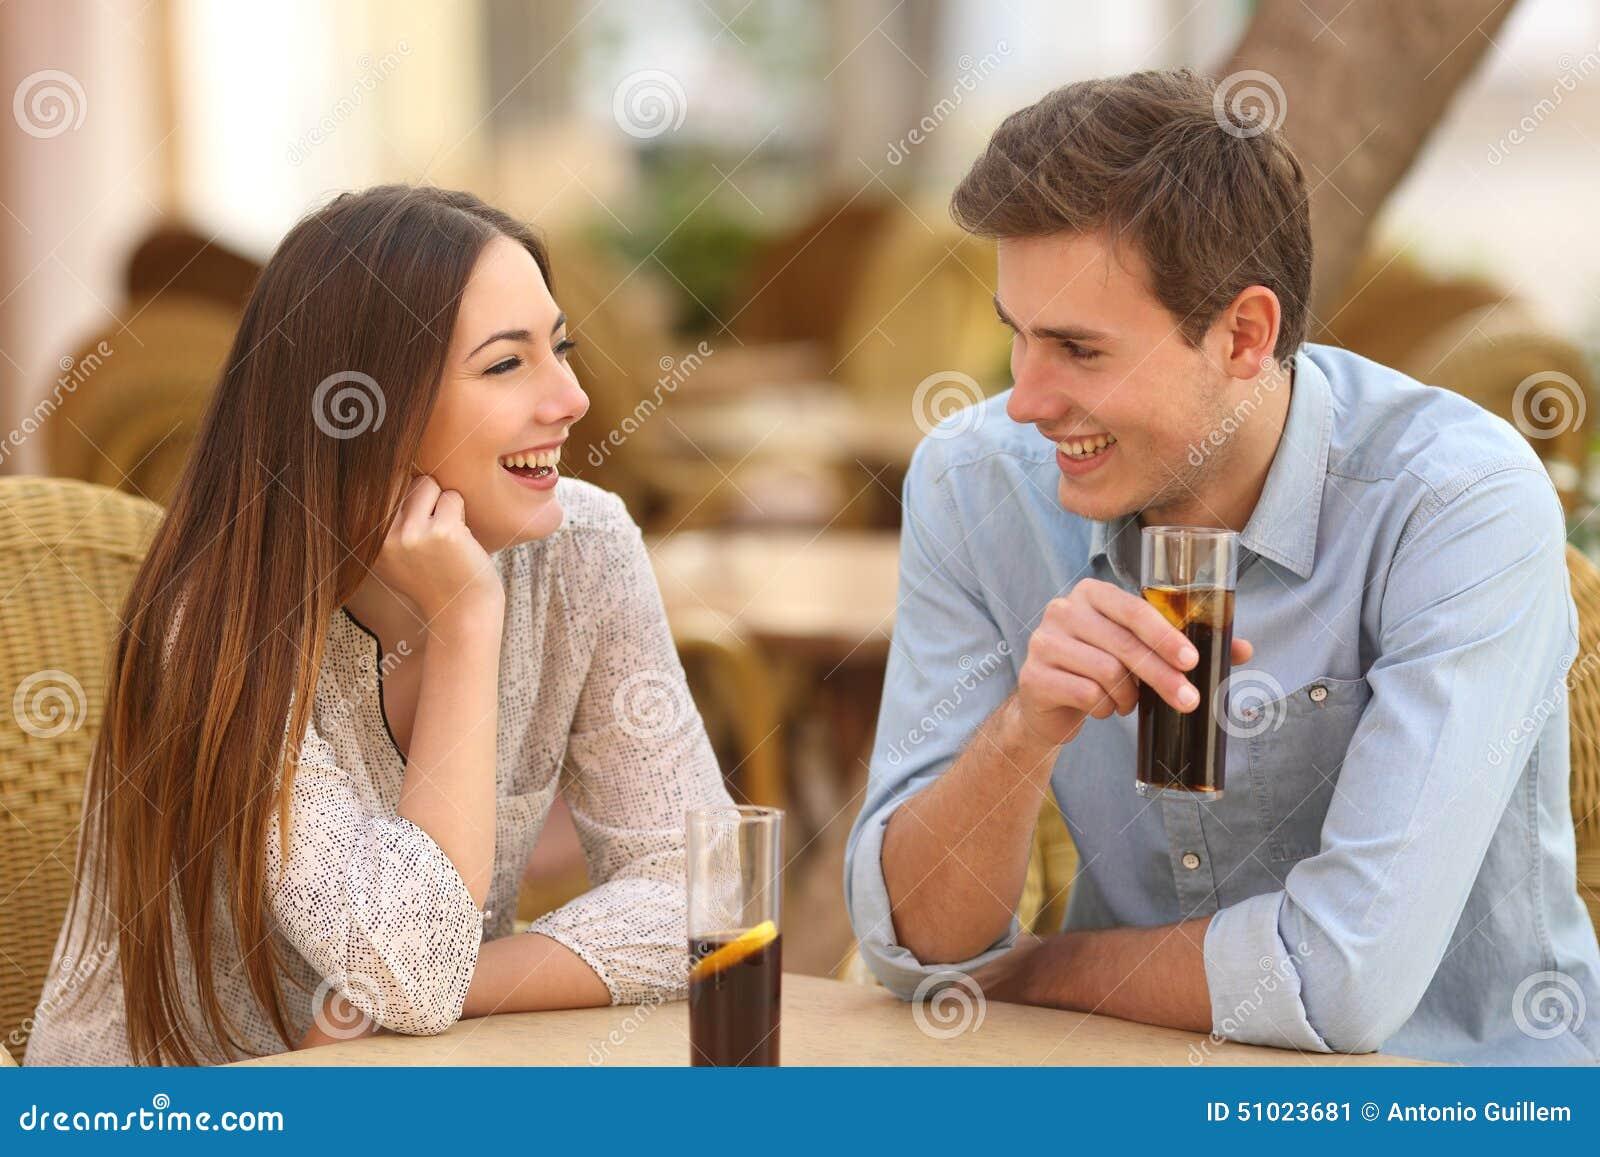 Familienfreunde und Dating